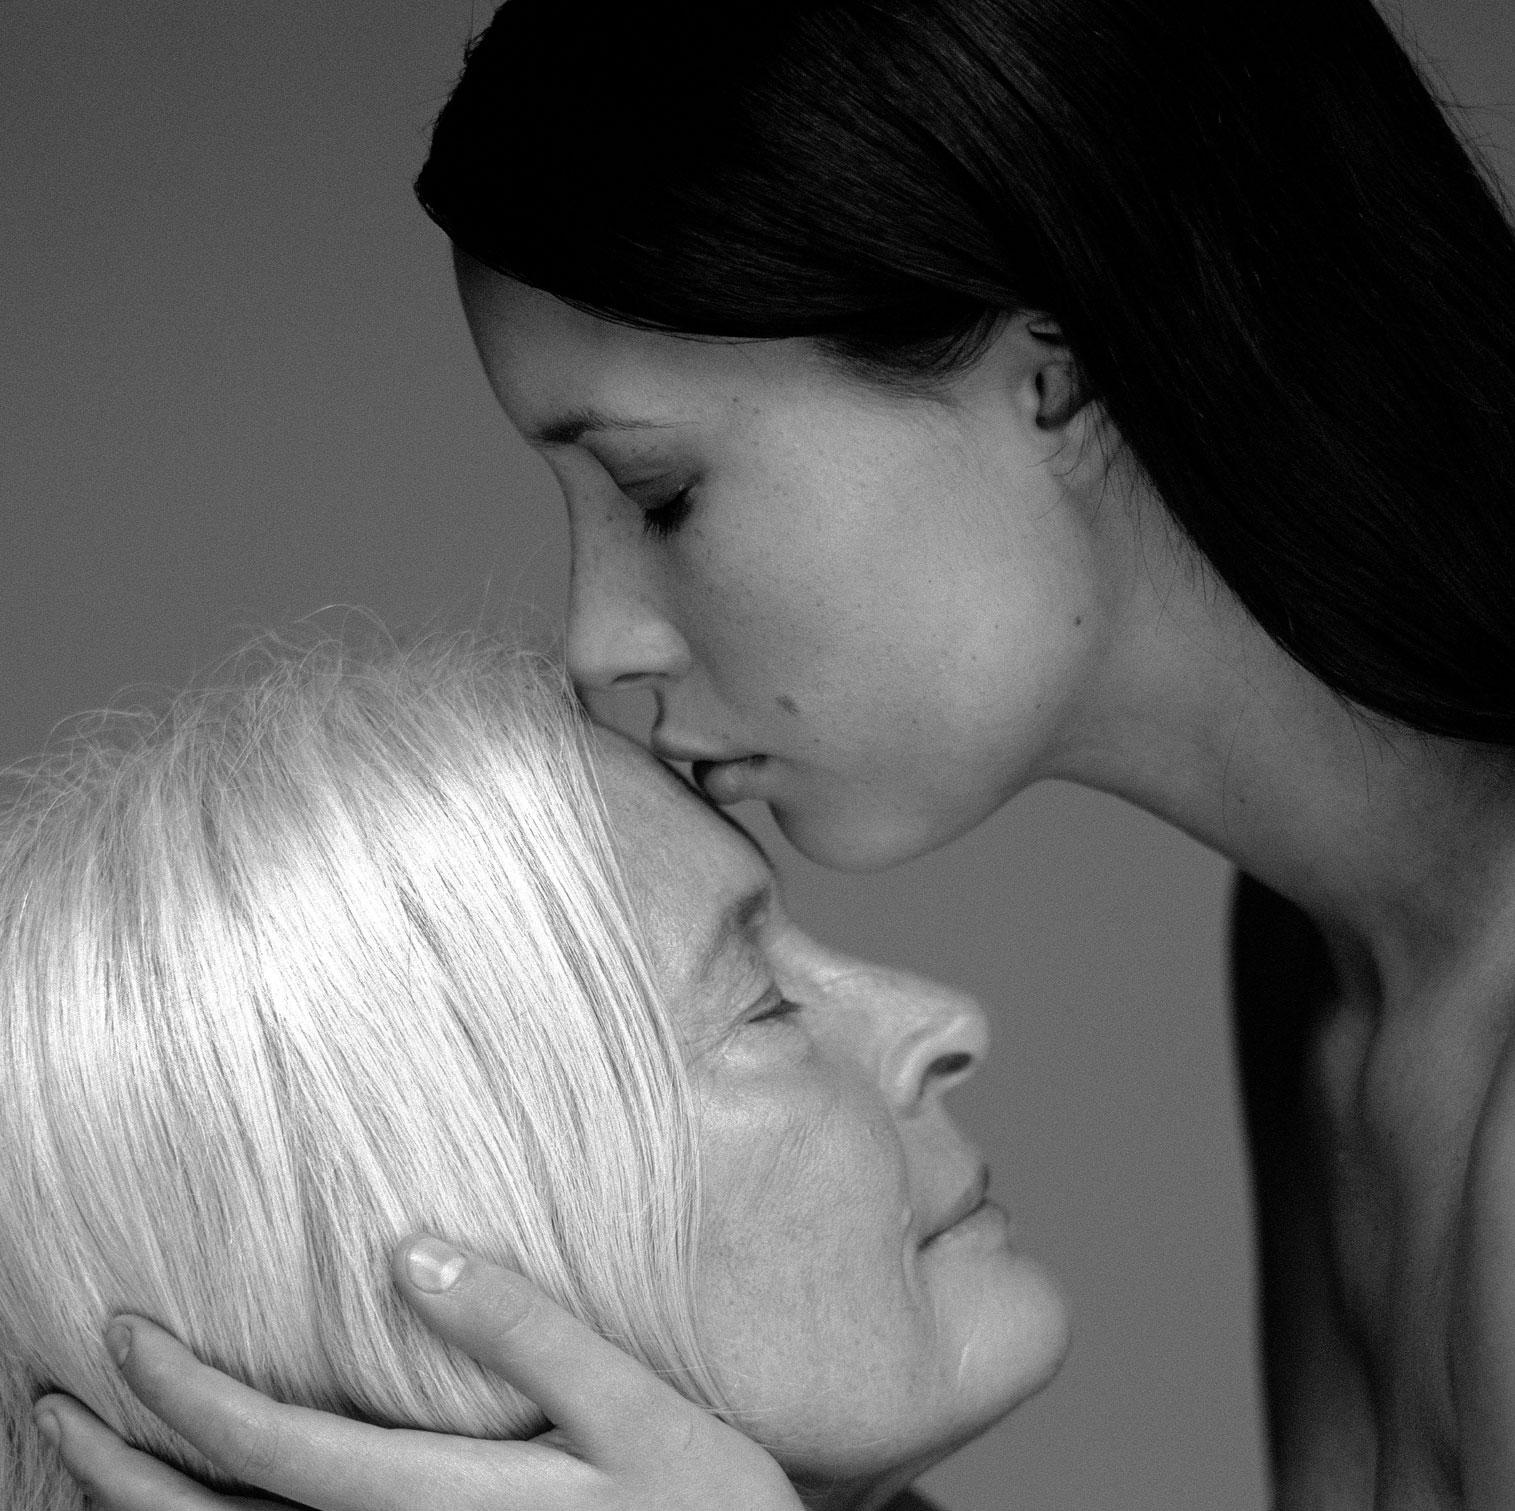 WELL AGING - Nicht Jugendlichkeit steht im Mittelpunkt, sondern das Bedürfnis, die individuelle Schönheit in jedem Alter zu erhalten.